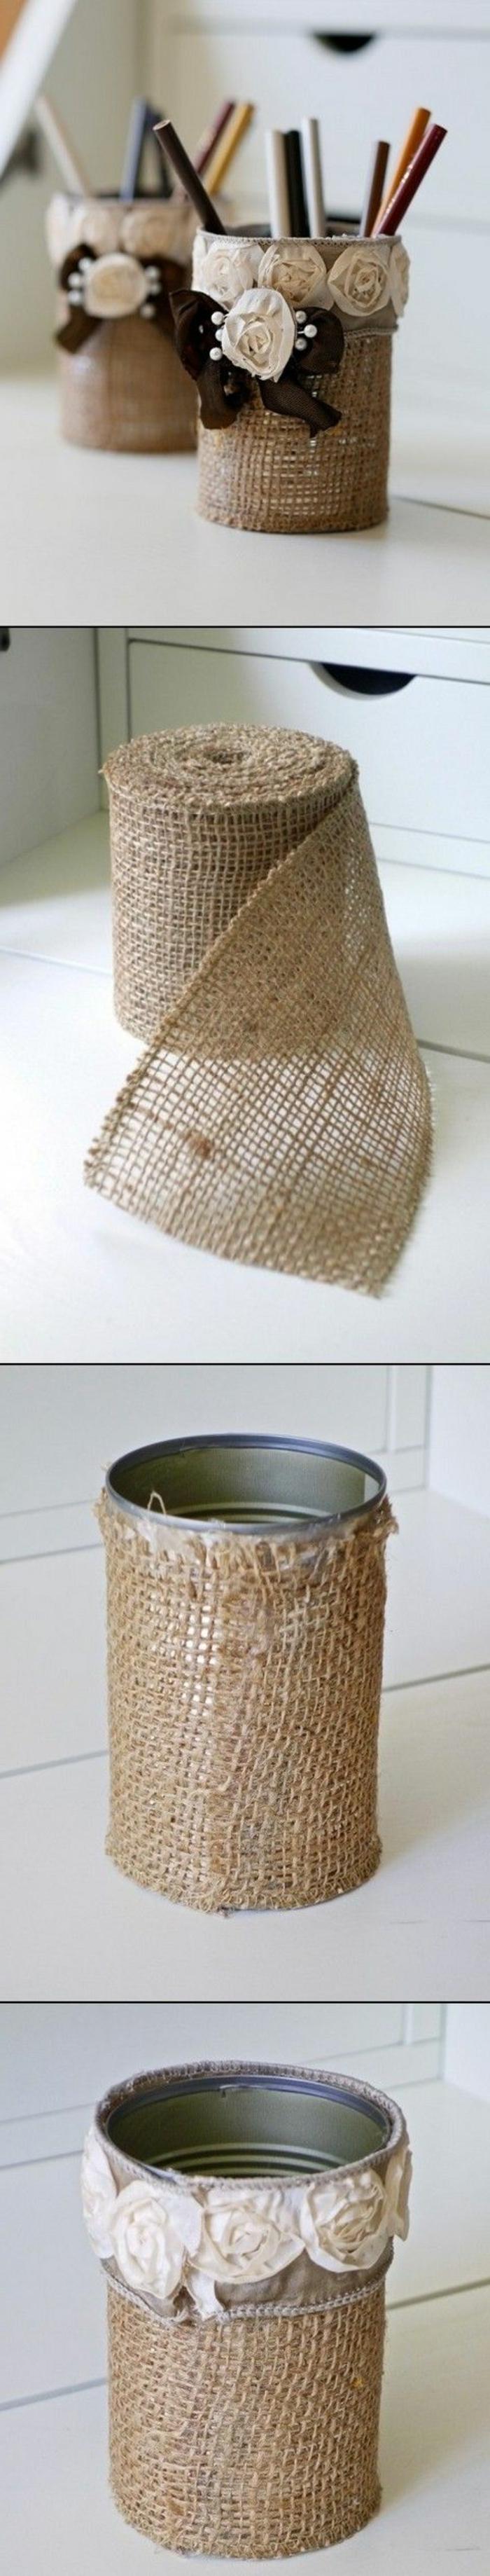 como hacer lapiceros DIY con tela de saco, talleres para niños originales, tutoriales de manualidades para decoración